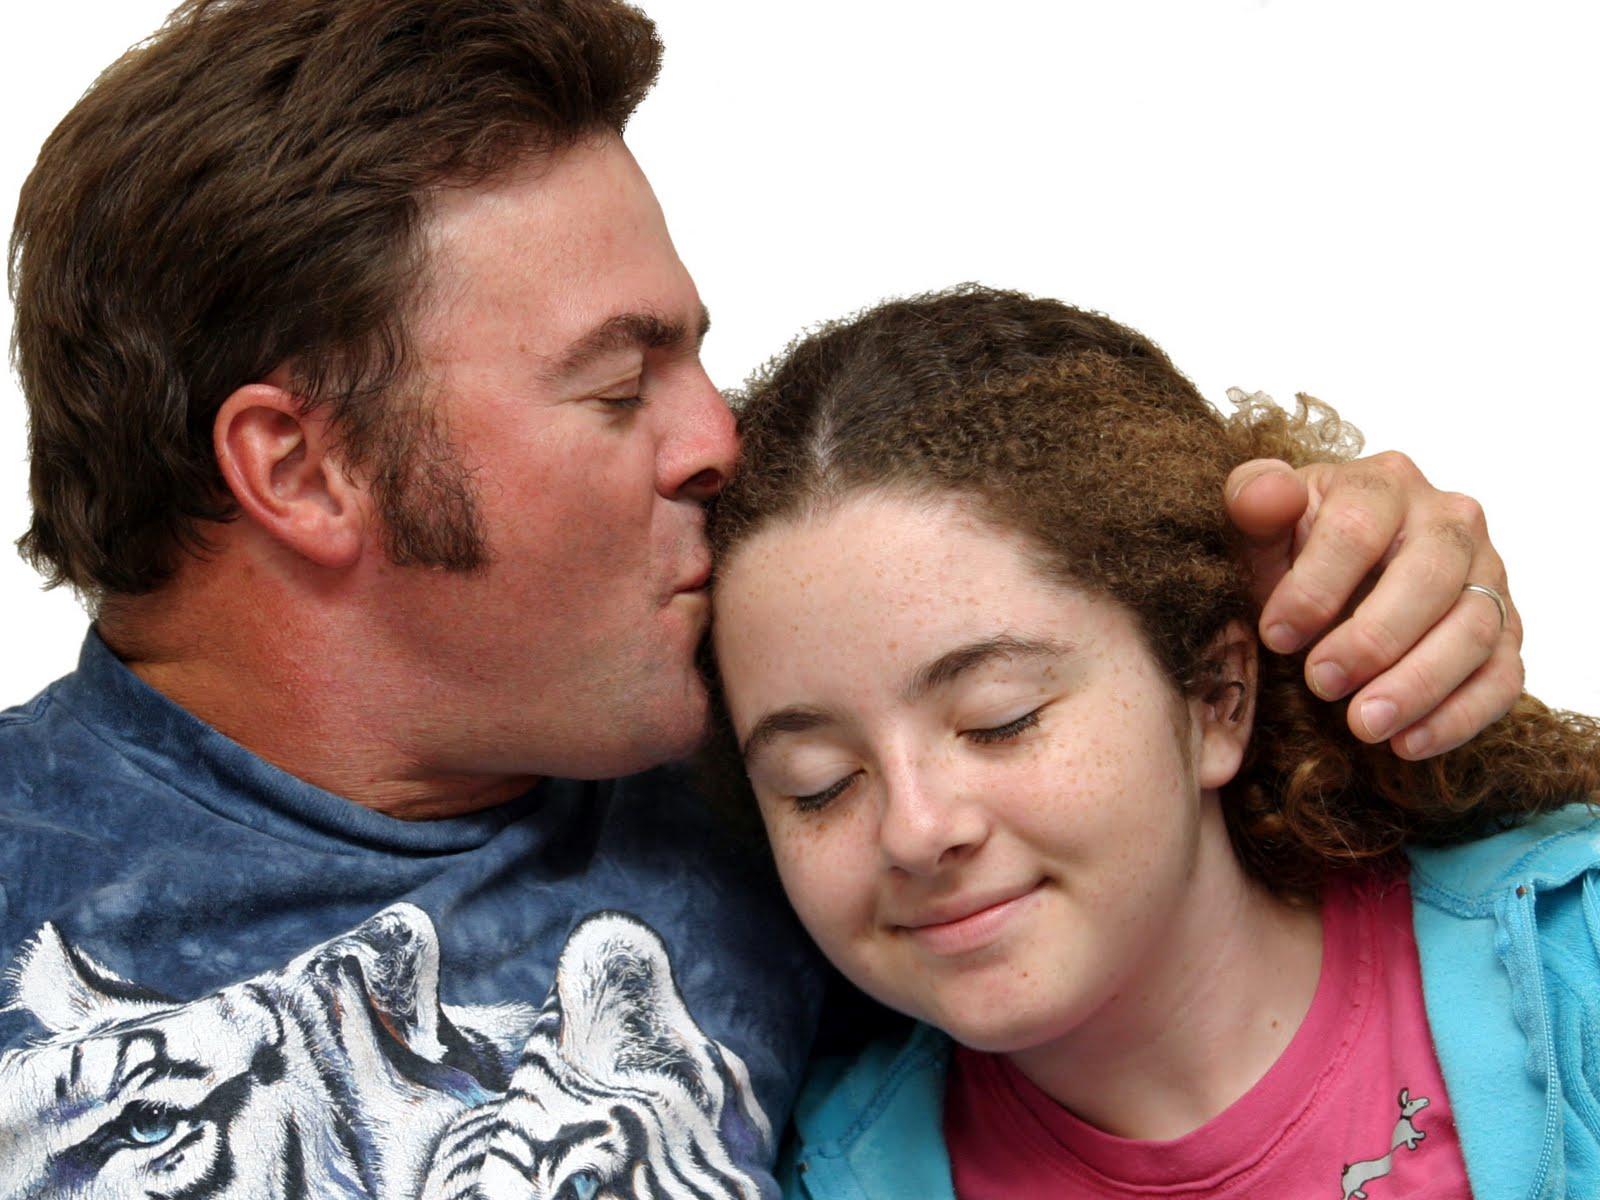 Сын и мать любовники в тайне от отца, Сын и мама в тайне о отца стали Любовниками 1 фотография